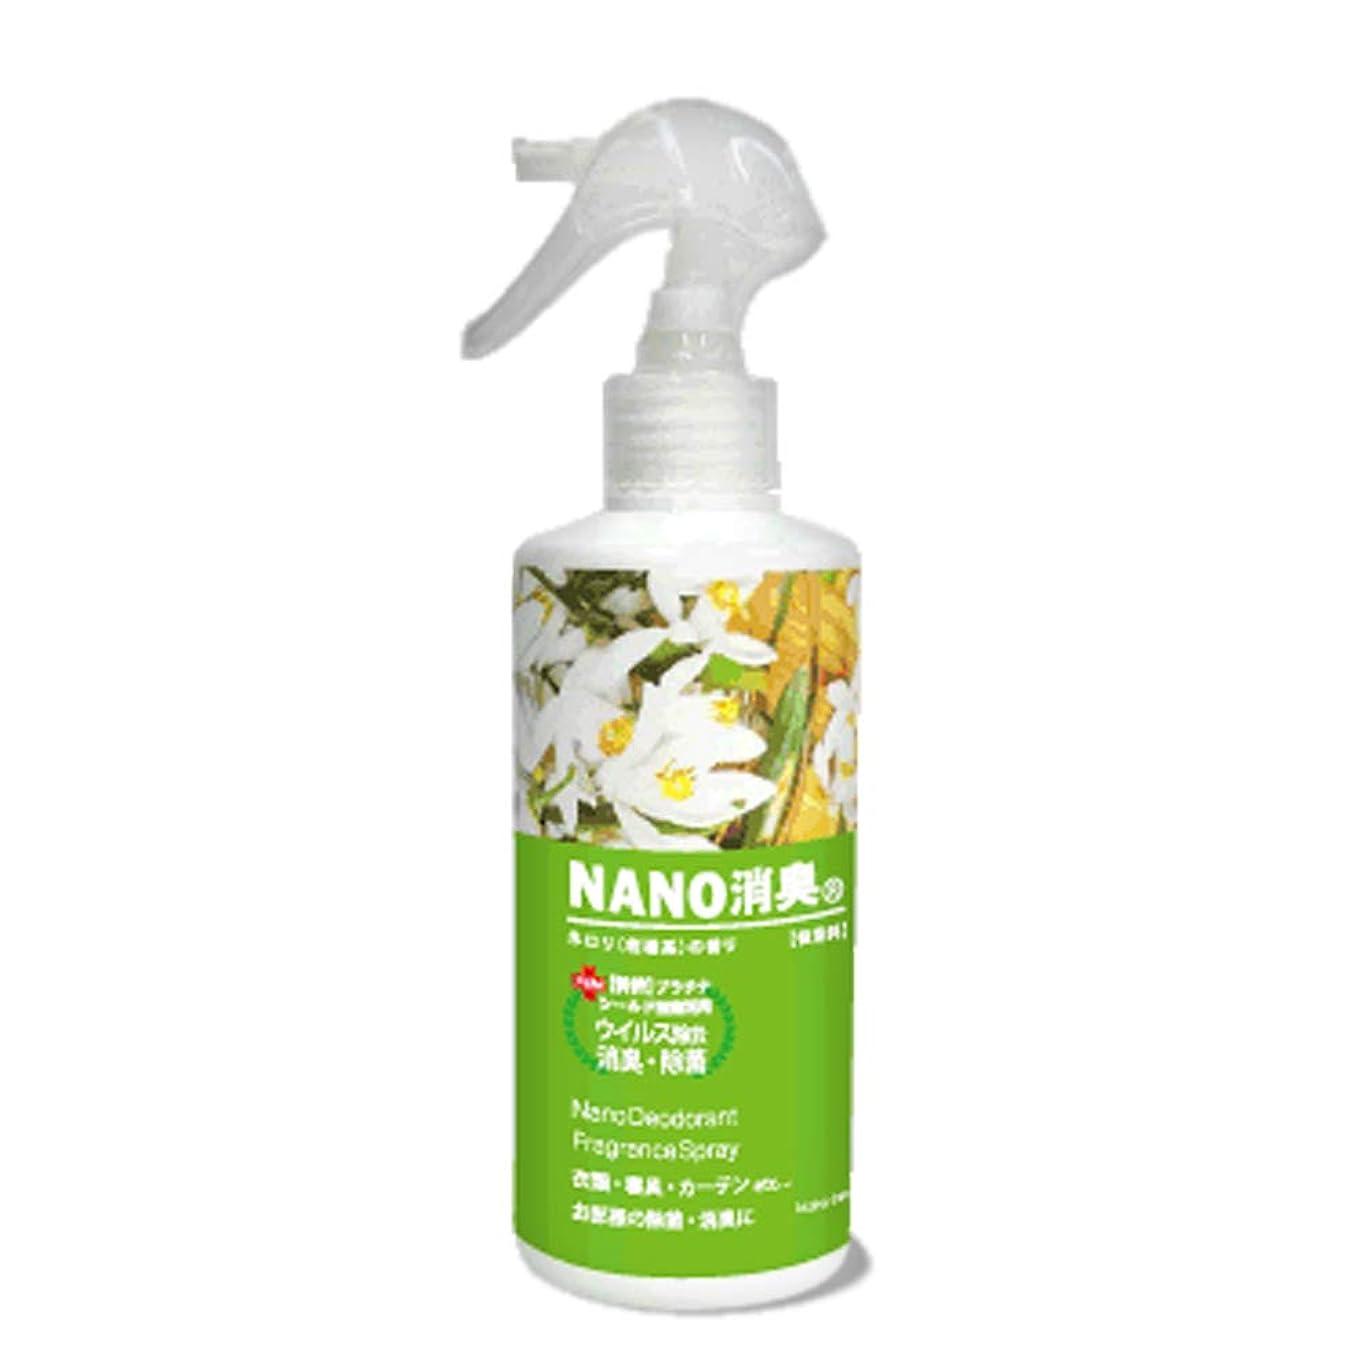 原子炉エレクトロニック拍車NANO消臭 スプレー マスク スプレー トイレ 消臭剤 芳香剤 (ネロリ)